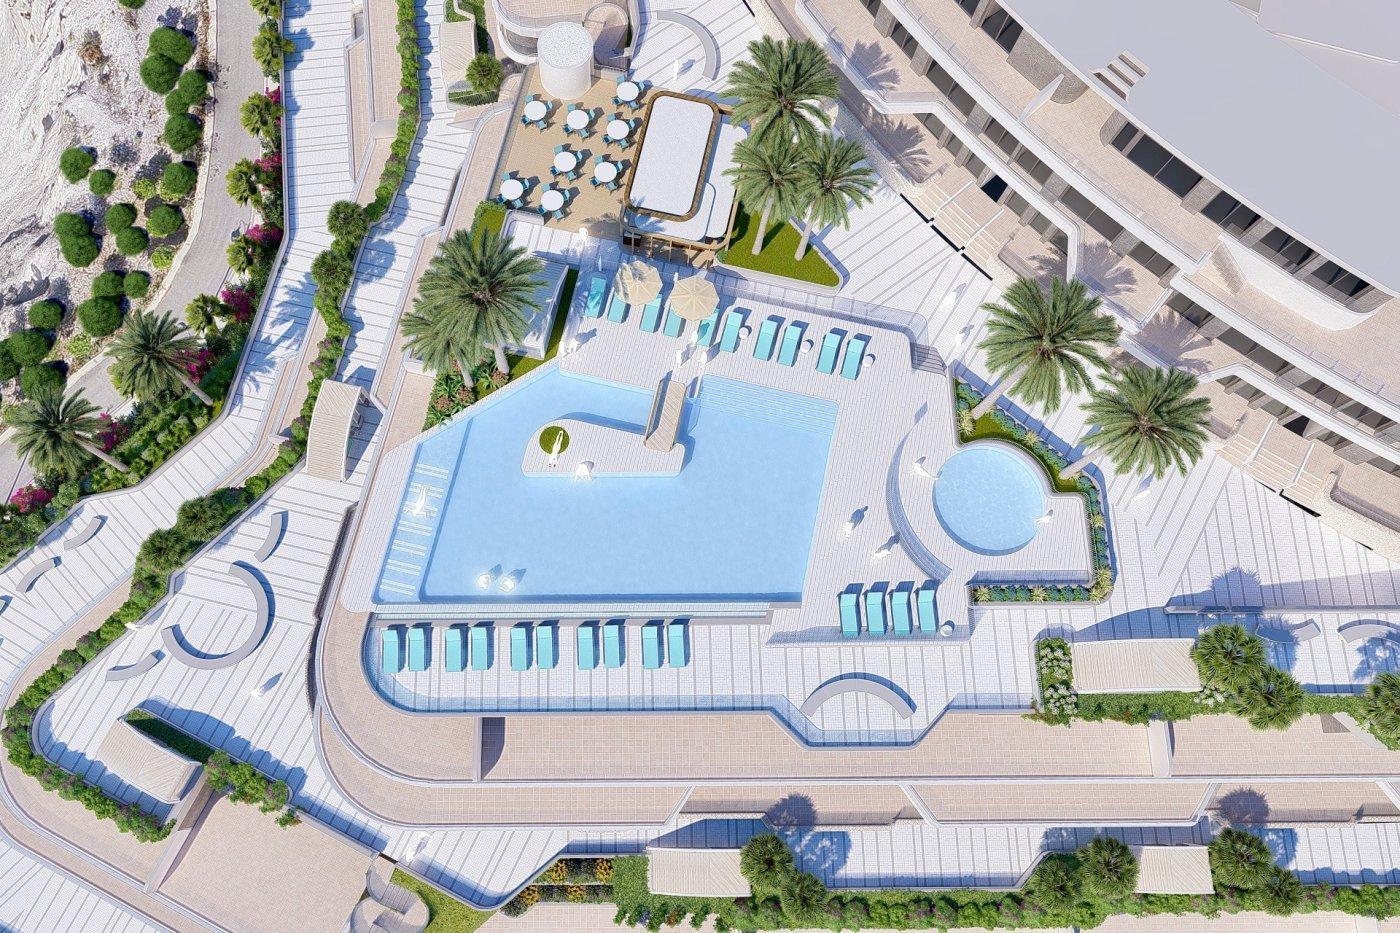 Galleribillede 20 of Exceptionel 2 etagers 4 vær luksus lejlighed, panorama udsigt, 58 m2 og 24 m2 solterrasser